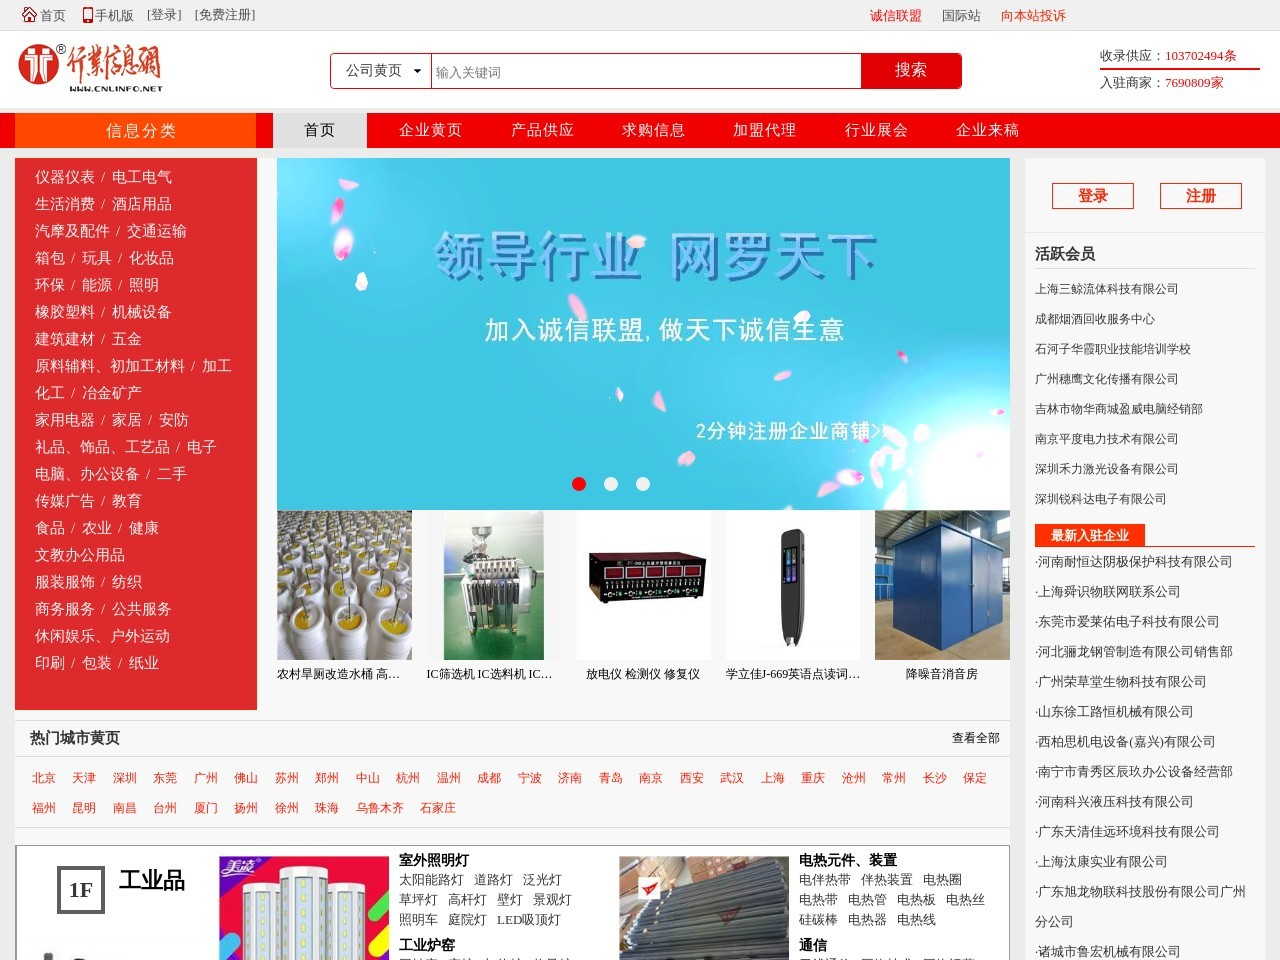 【斗鸡】斗鸡价格_斗鸡批发 - 中国行业信息网